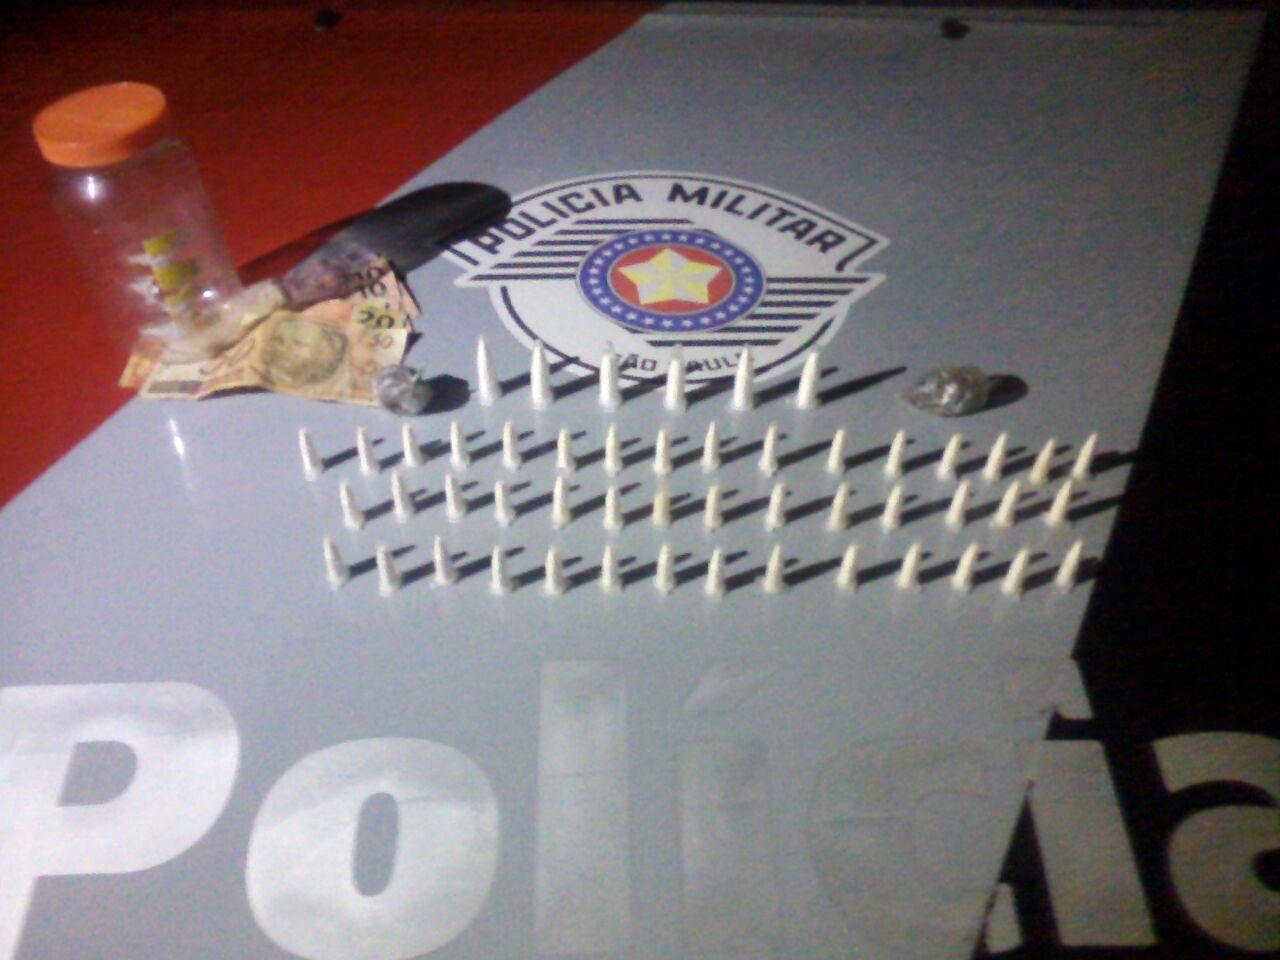 Pinos escondidos no pote de maionese, apreendidos pela Polícia Militar na última segunda-feira (Foto: Divulgação / PM)